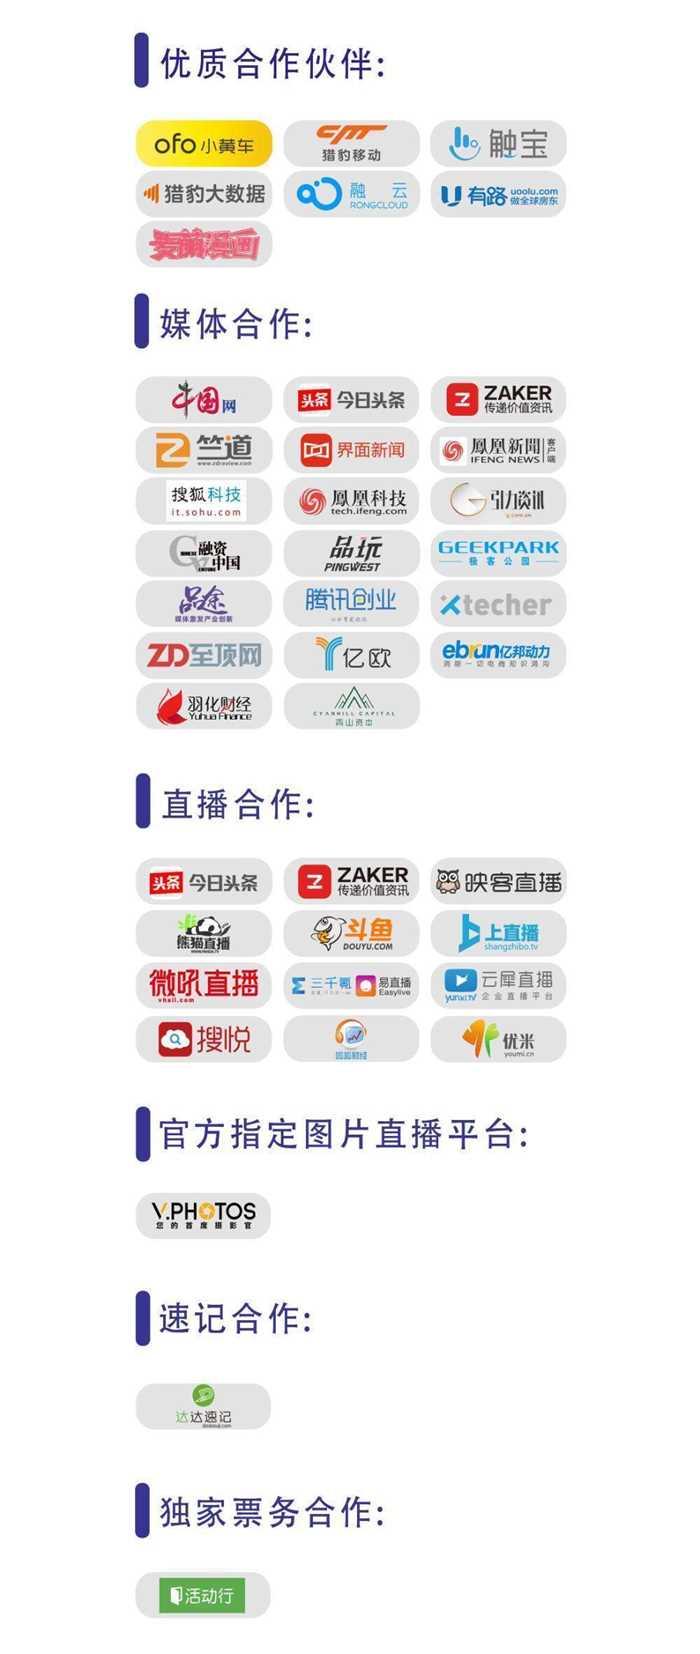 活动行logo2.jpg